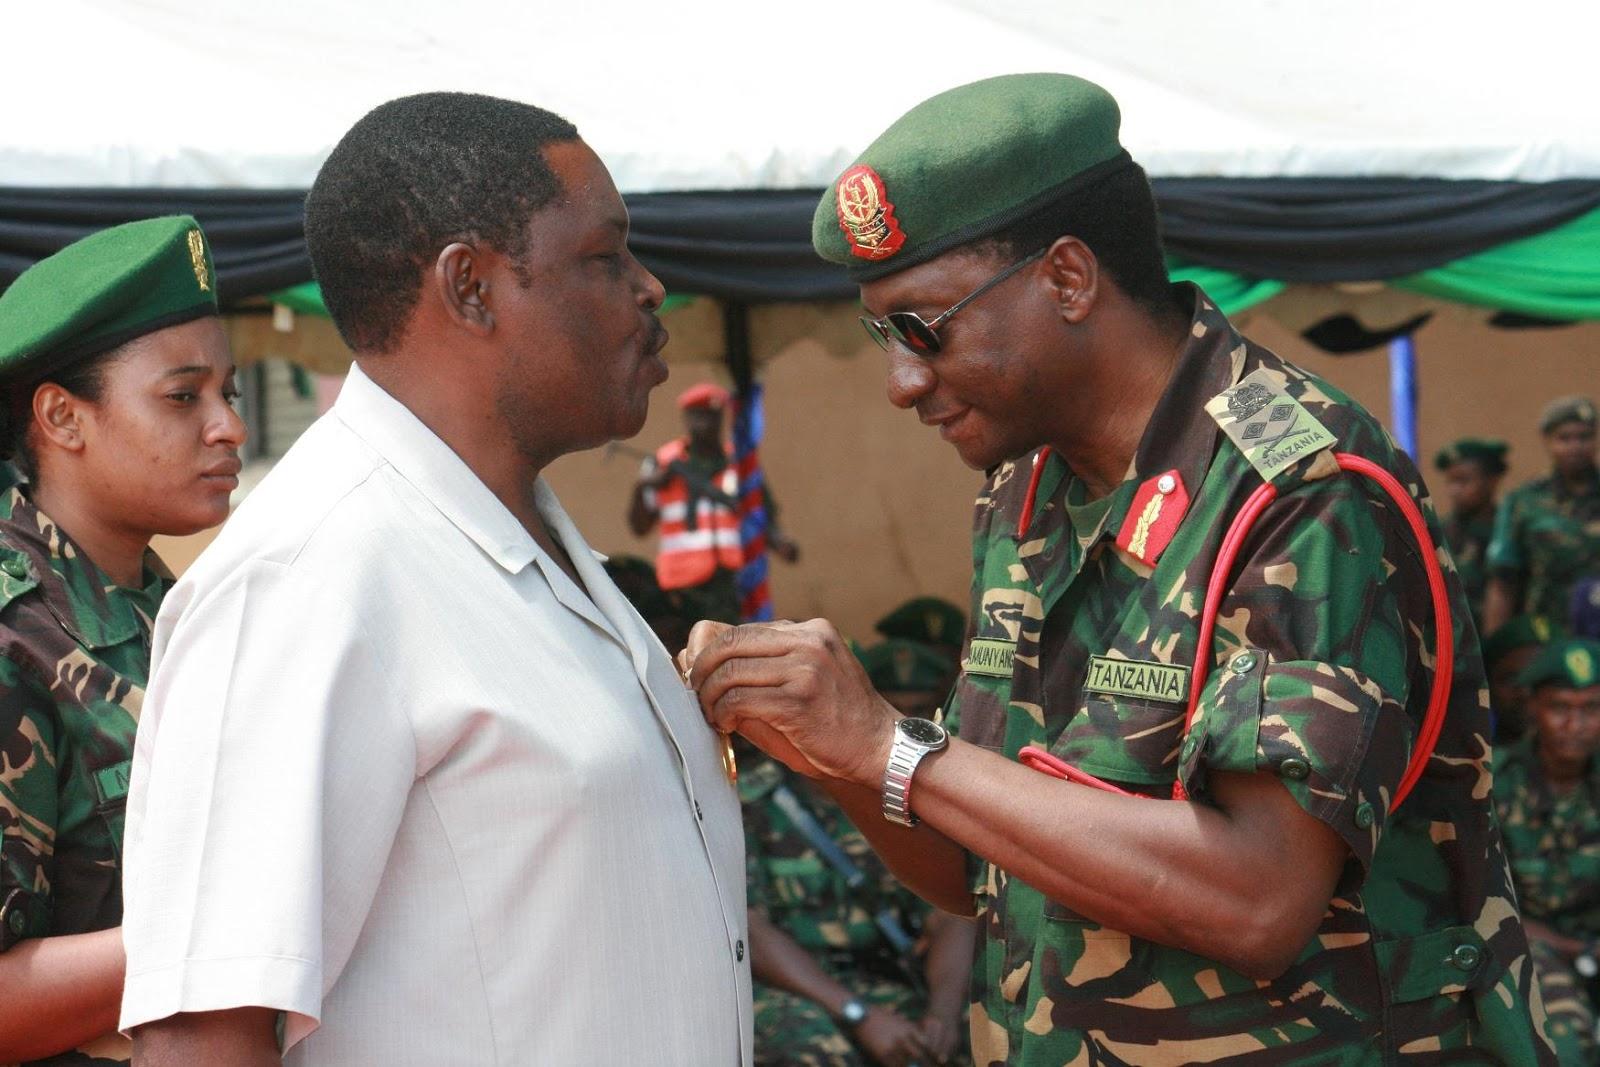 Nishani Maofisa wa Jeshi kwa Utumishi Bora na wa Muda Mrefu Tanzania